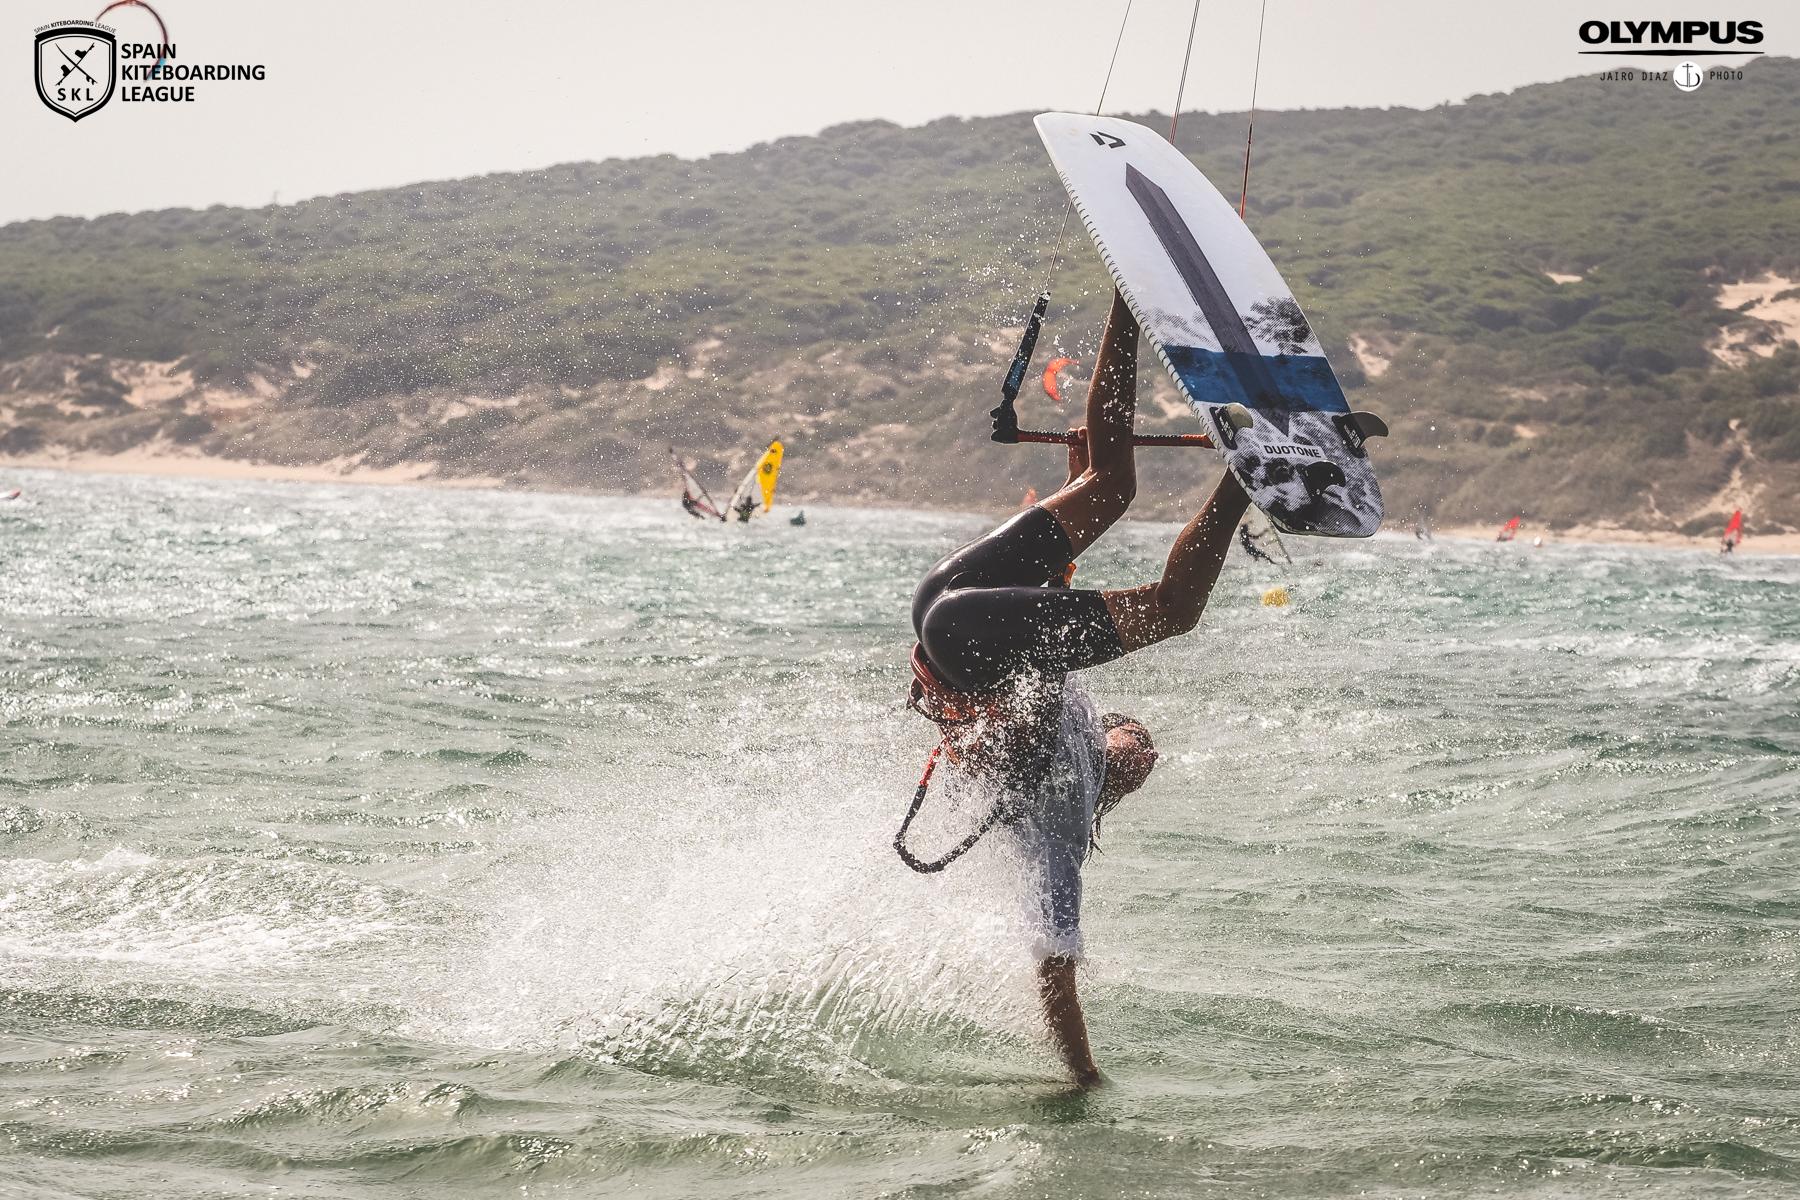 Campeonato De Andalucía De Kiteboarding